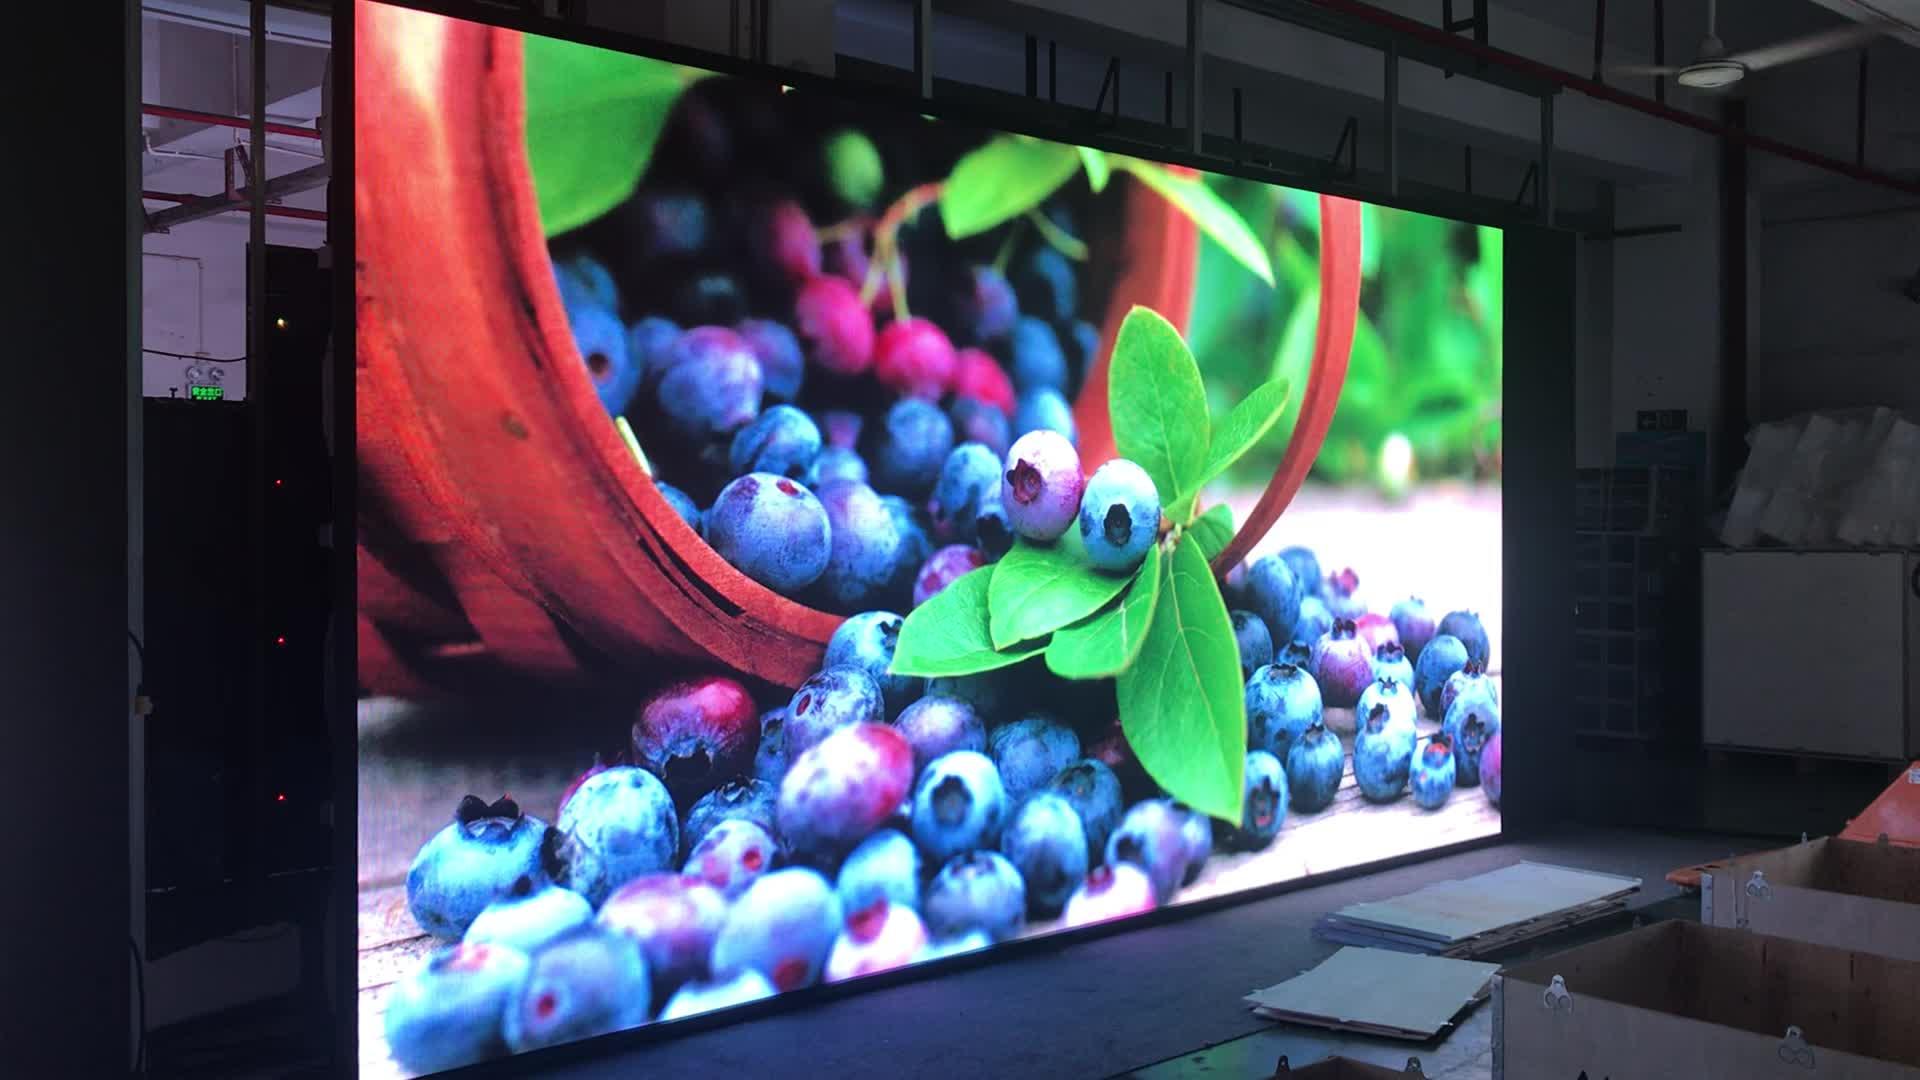 Sıcak satış Kapalı P10 reklam led ekran ekran fiyat düşük